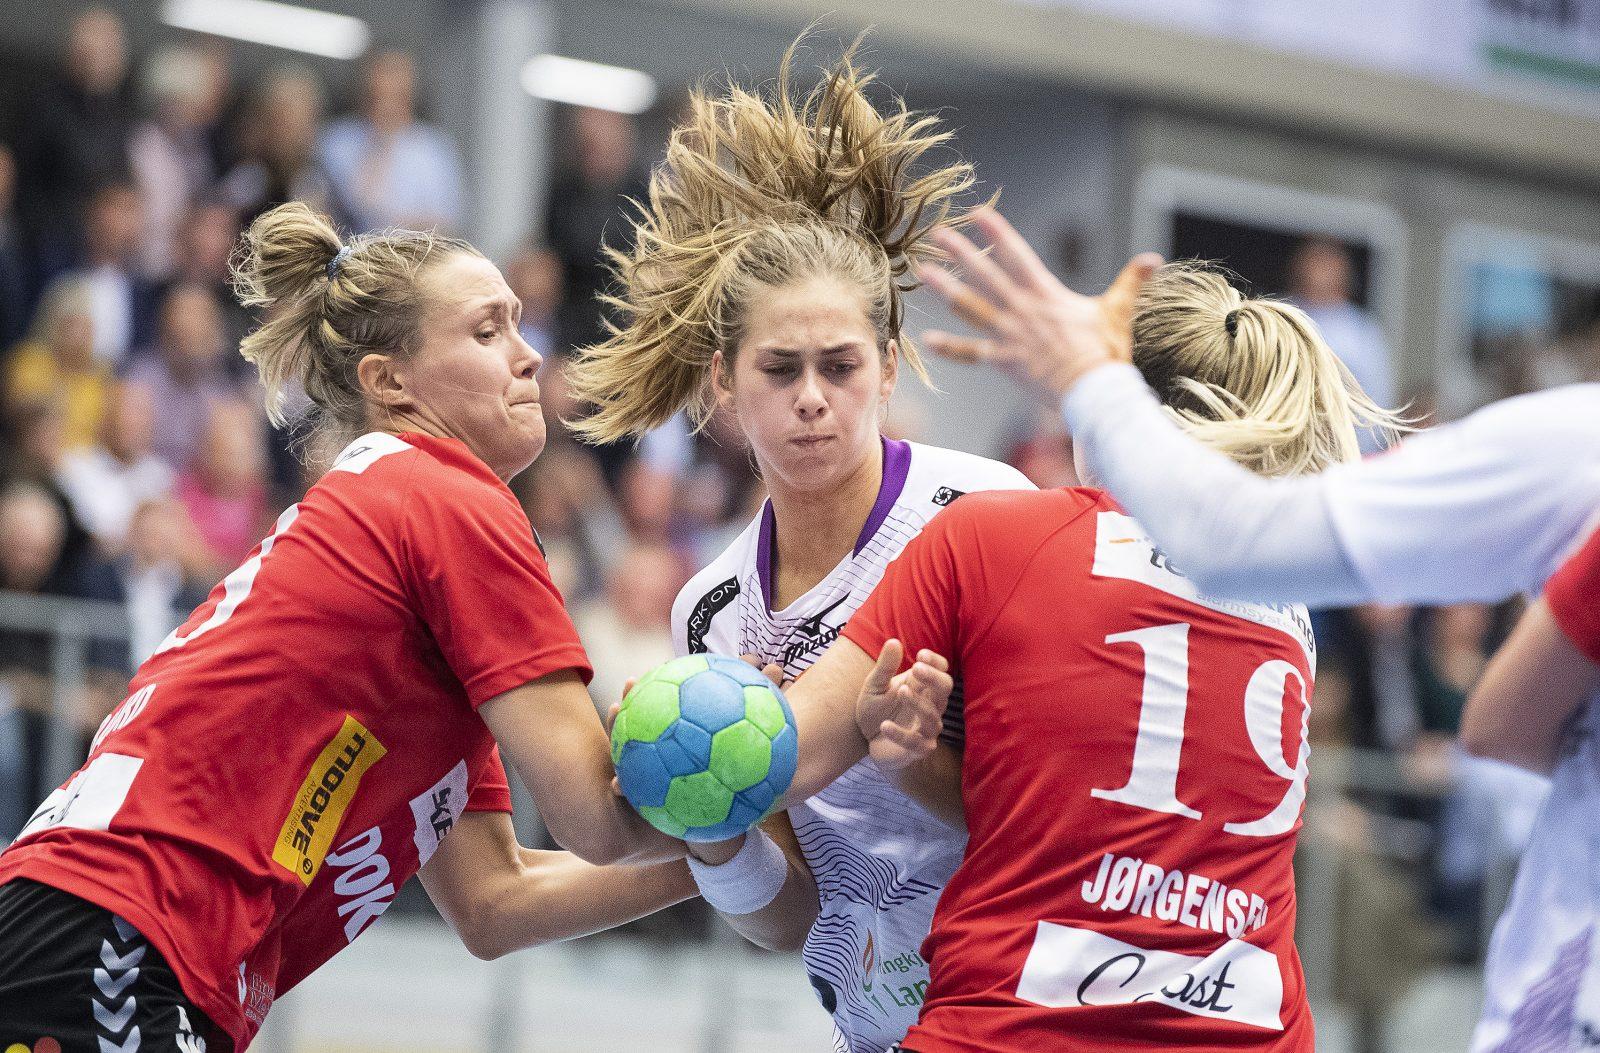 Kvindehåndbold: Team Esbjerg - Herning-Ikast Håndbold